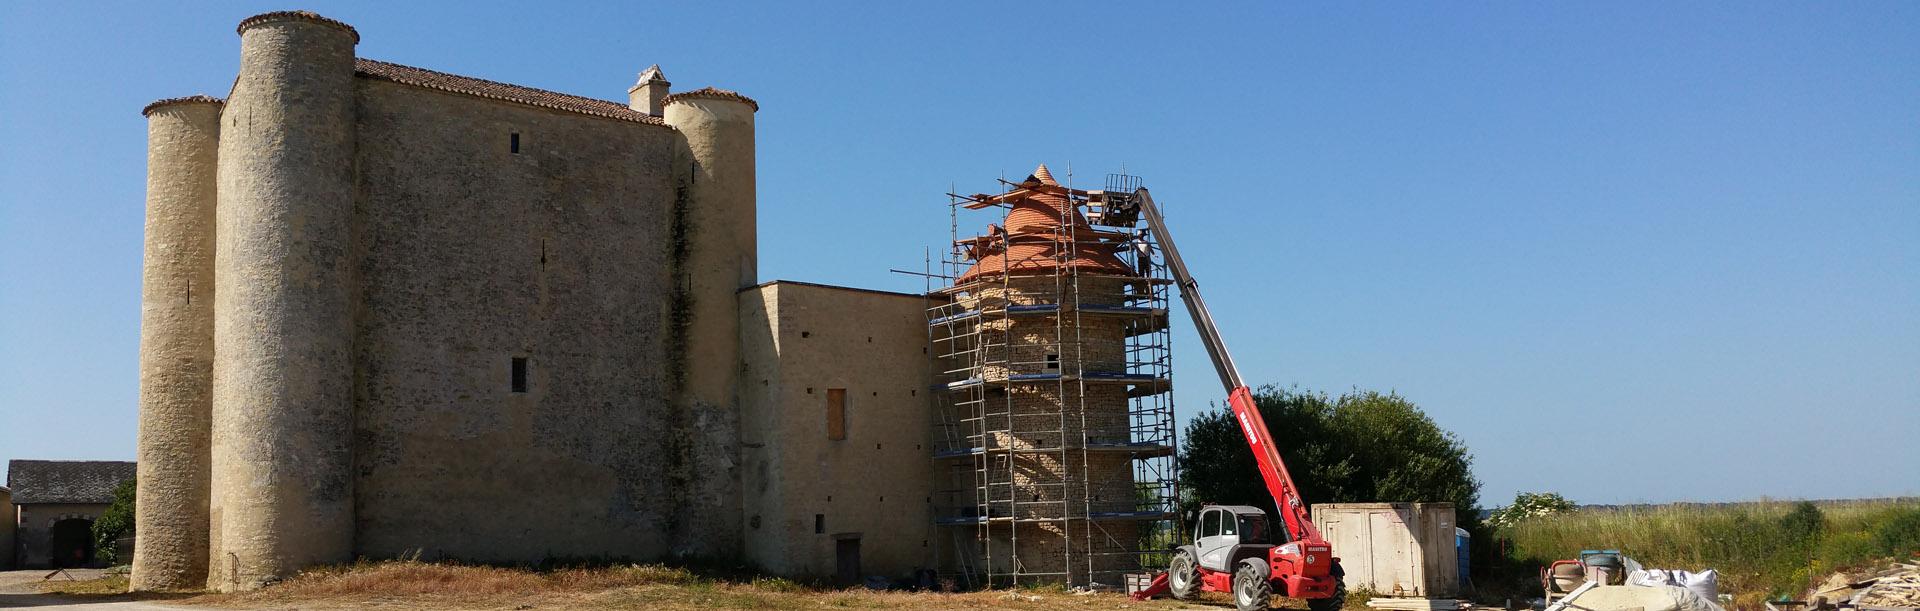 Réfection charpente et couverture ouest Vienne bandeau